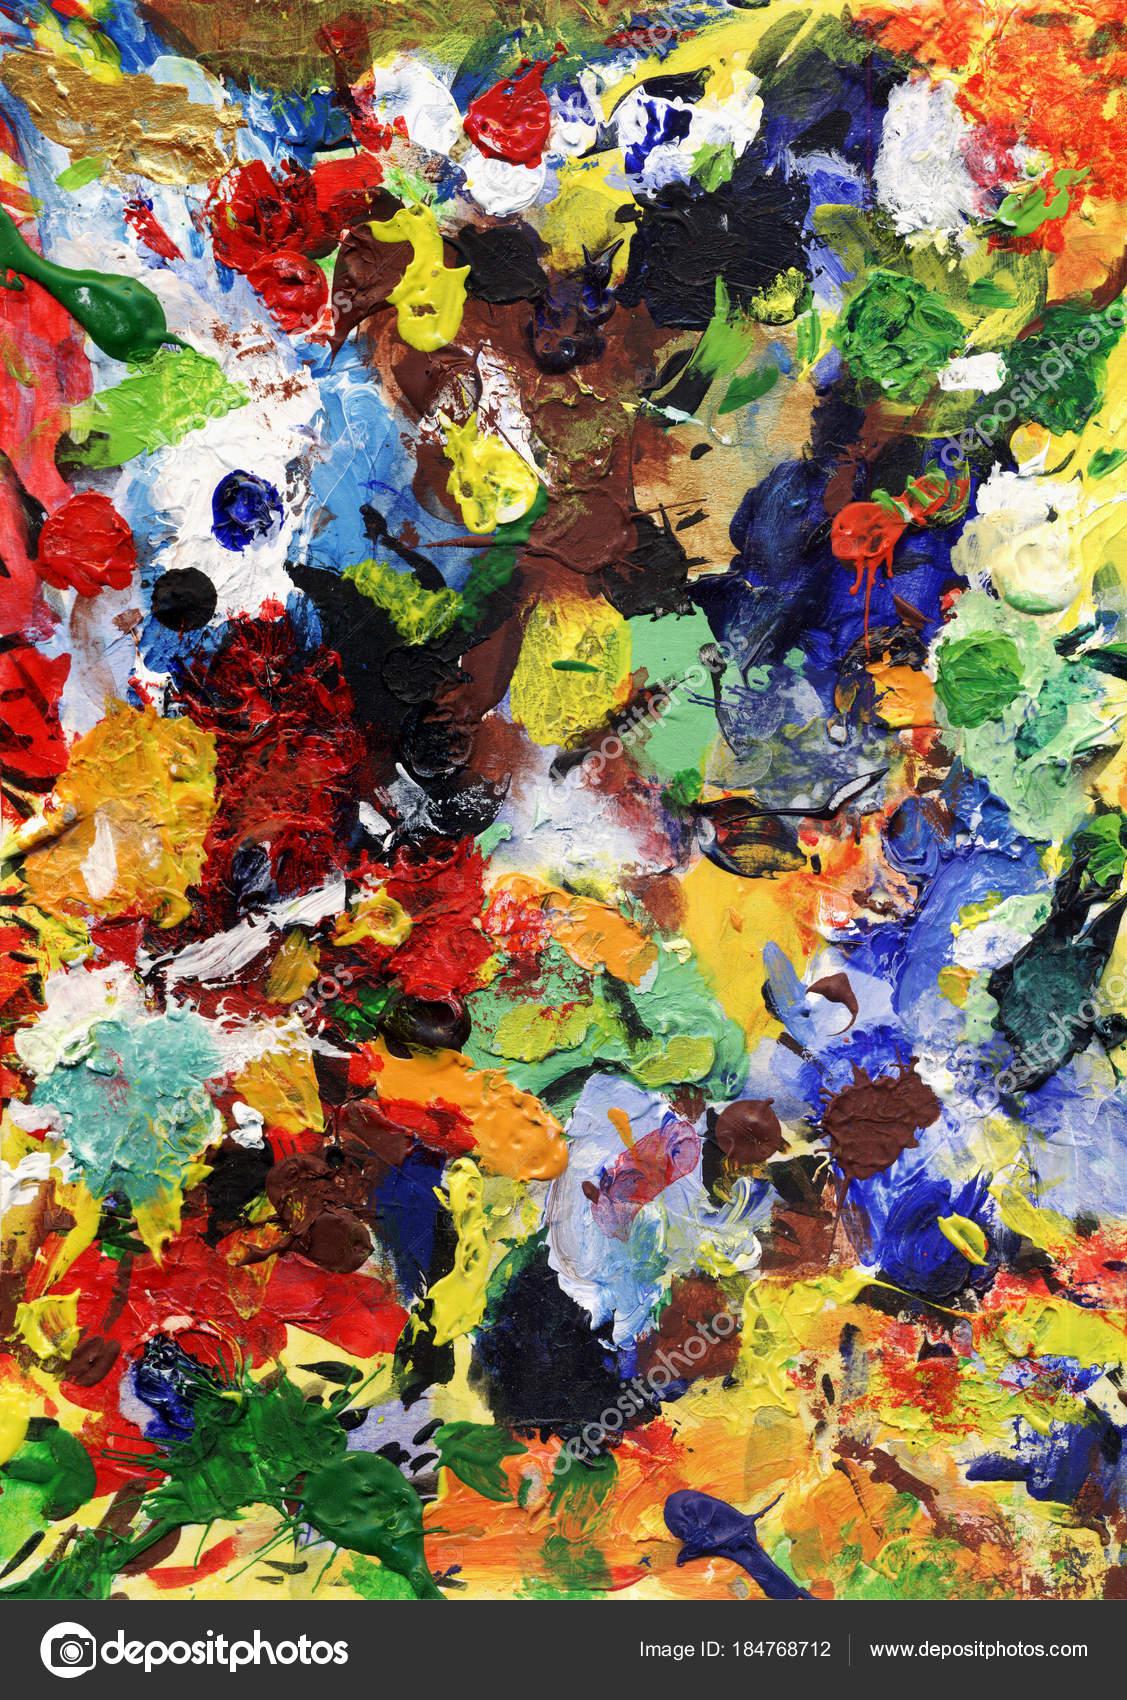 a107bec65 Experiencia Artística Pintura Colores Fantasía Impresiones Colores — Foto  de Stock